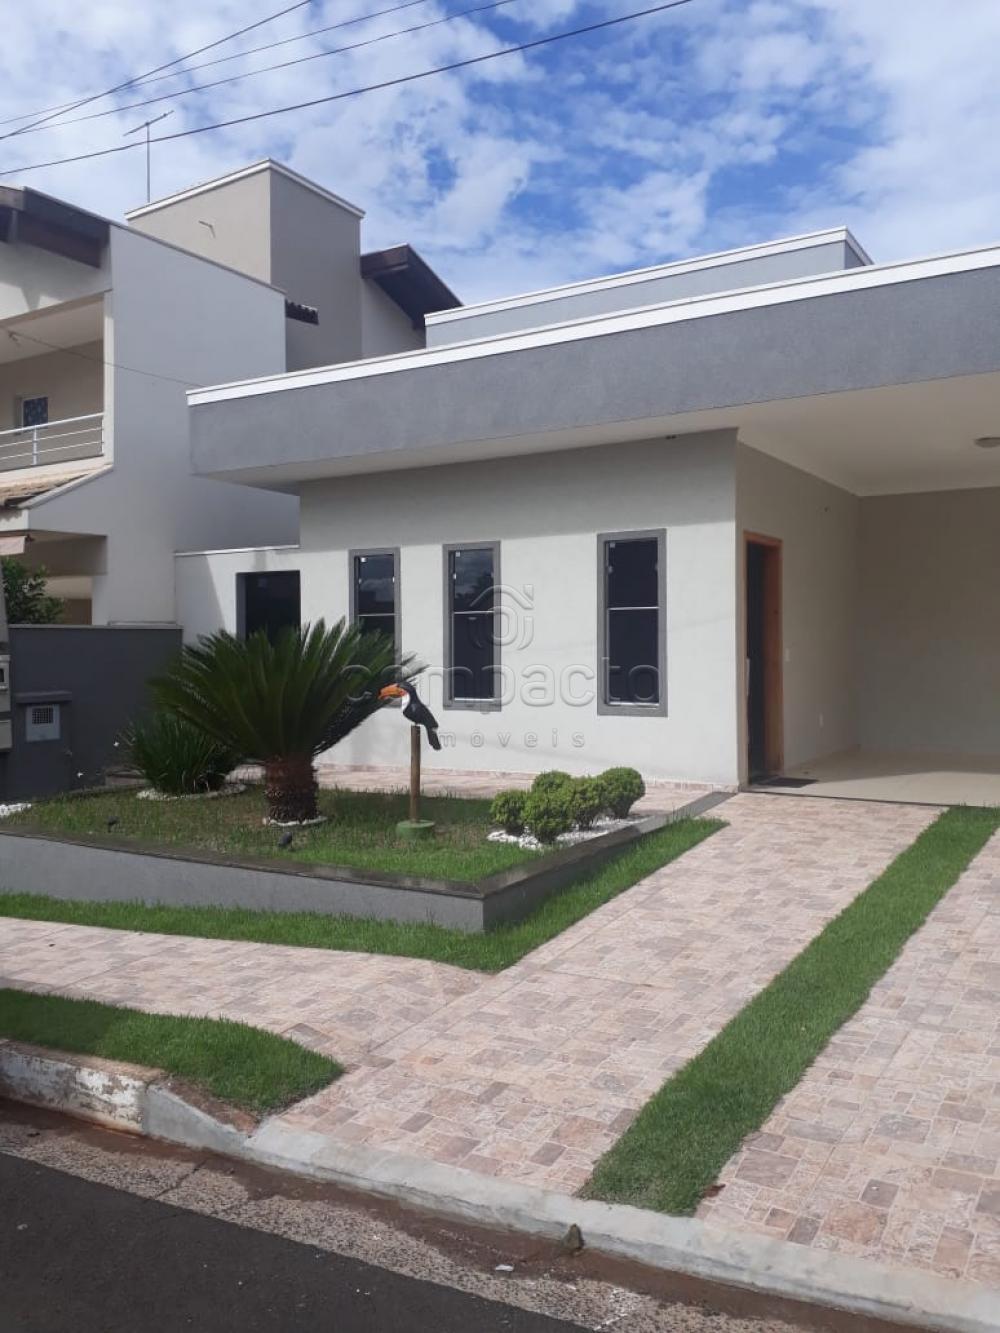 Alugar Casa / Condomínio em São José do Rio Preto apenas R$ 2.500,00 - Foto 2